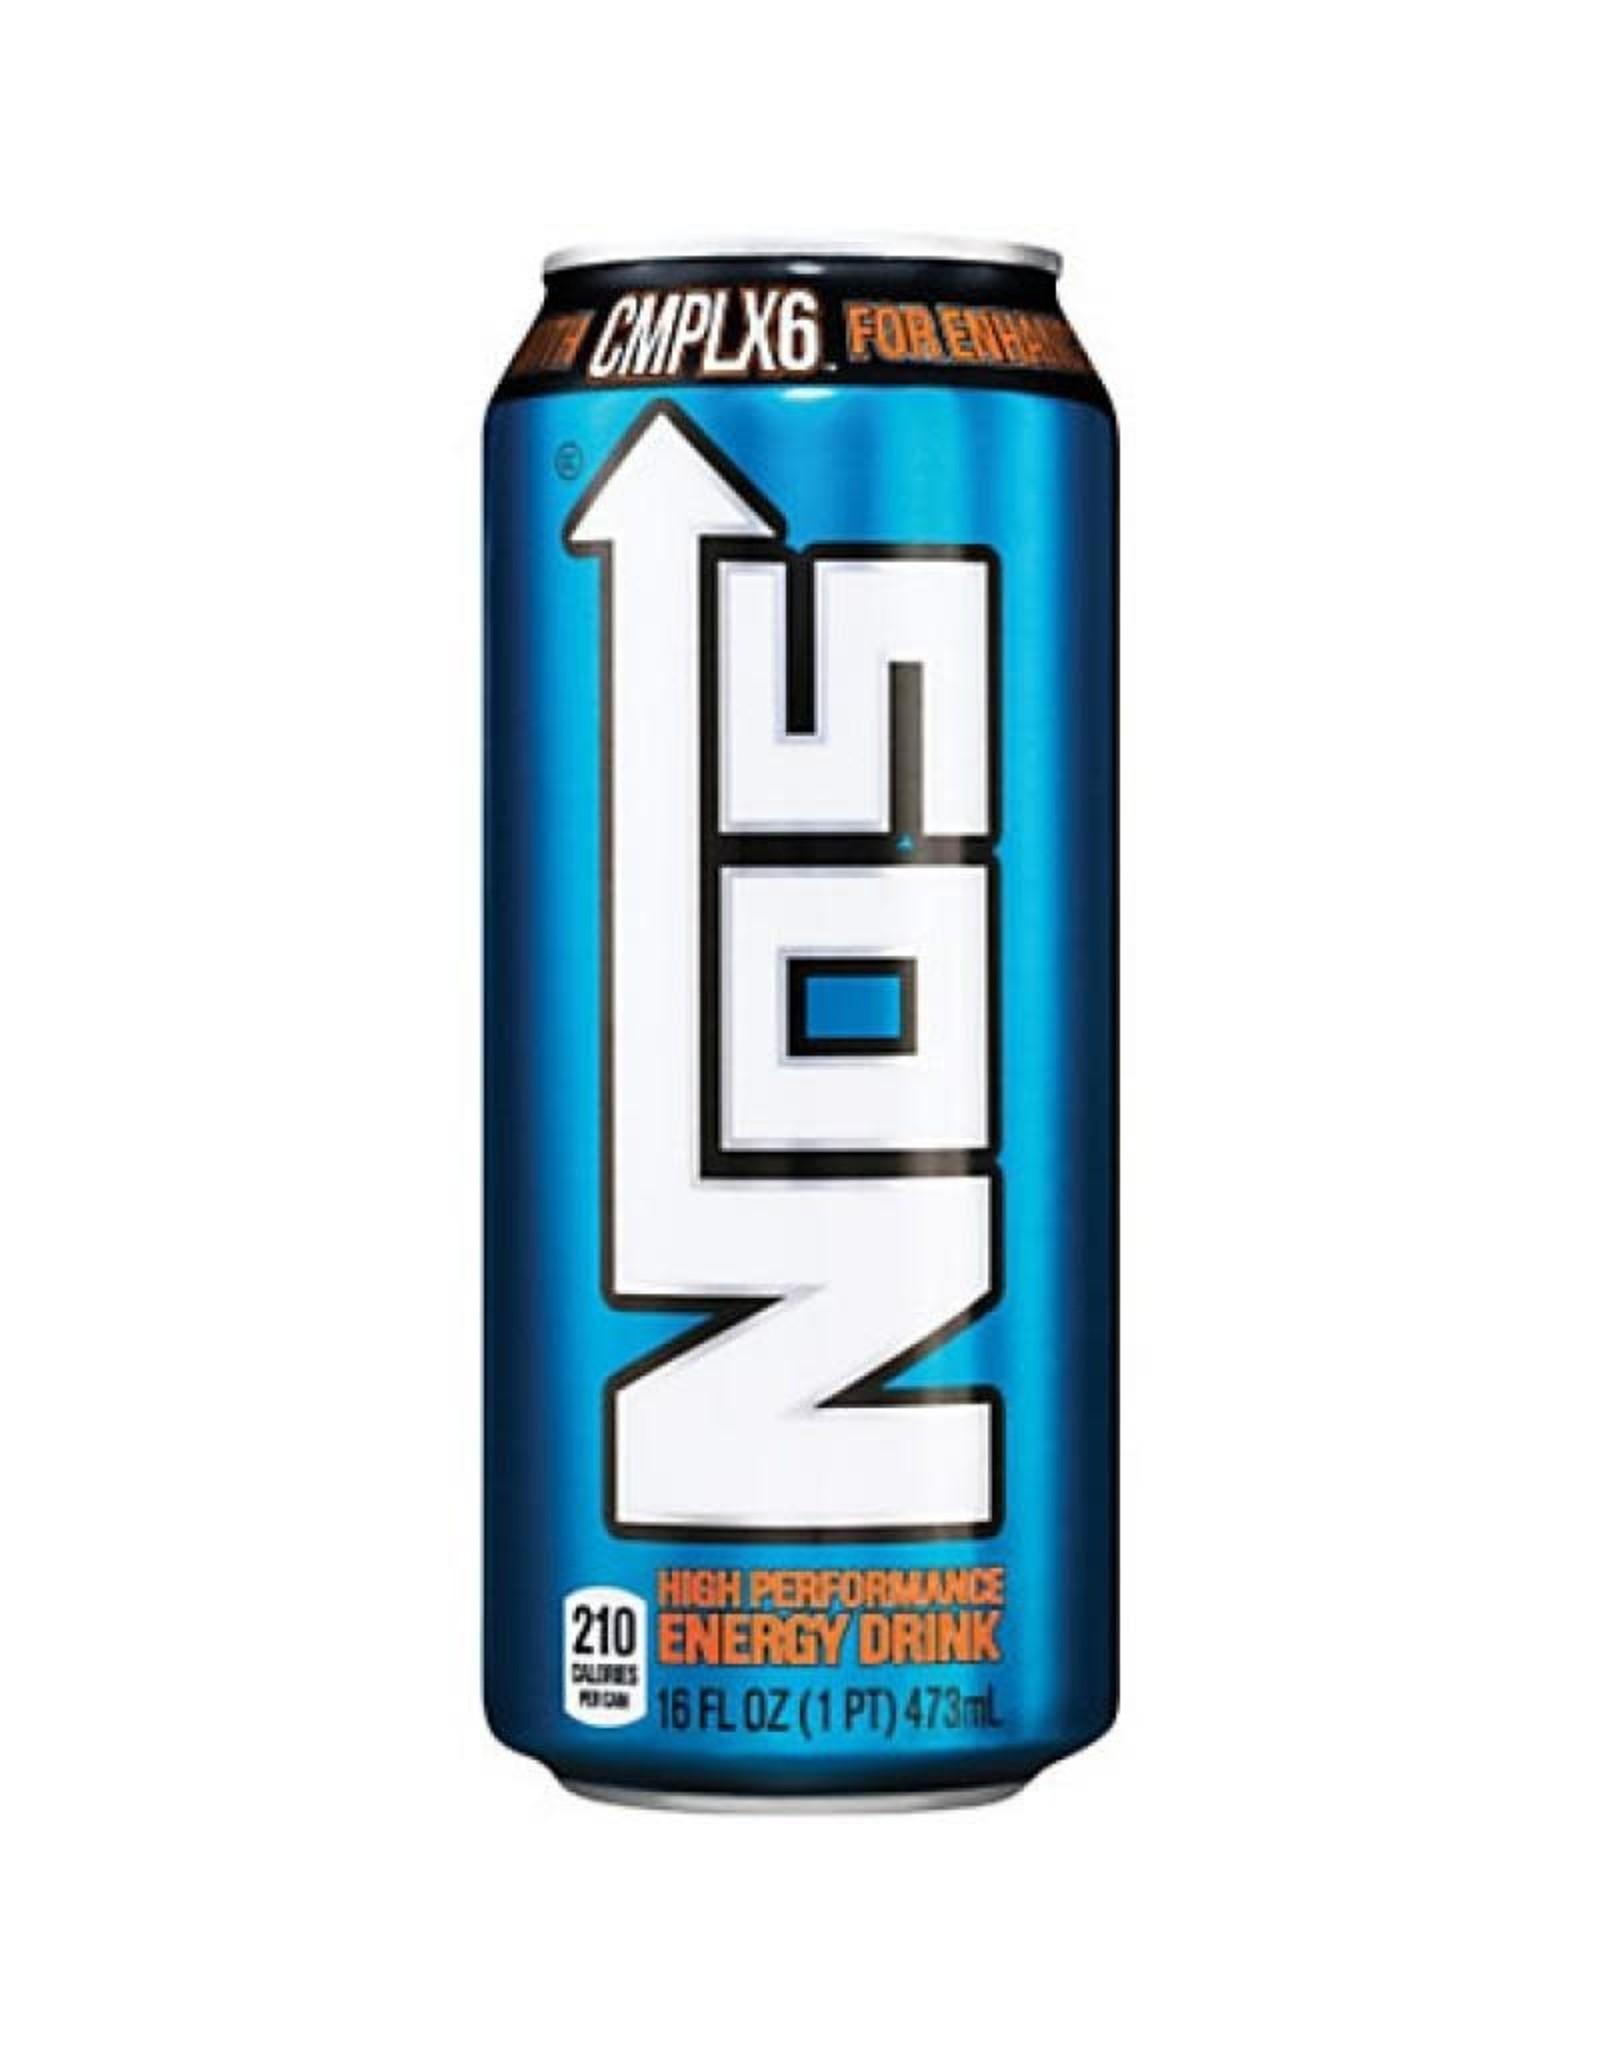 NOS - High Performance Energy Drink - 473ml